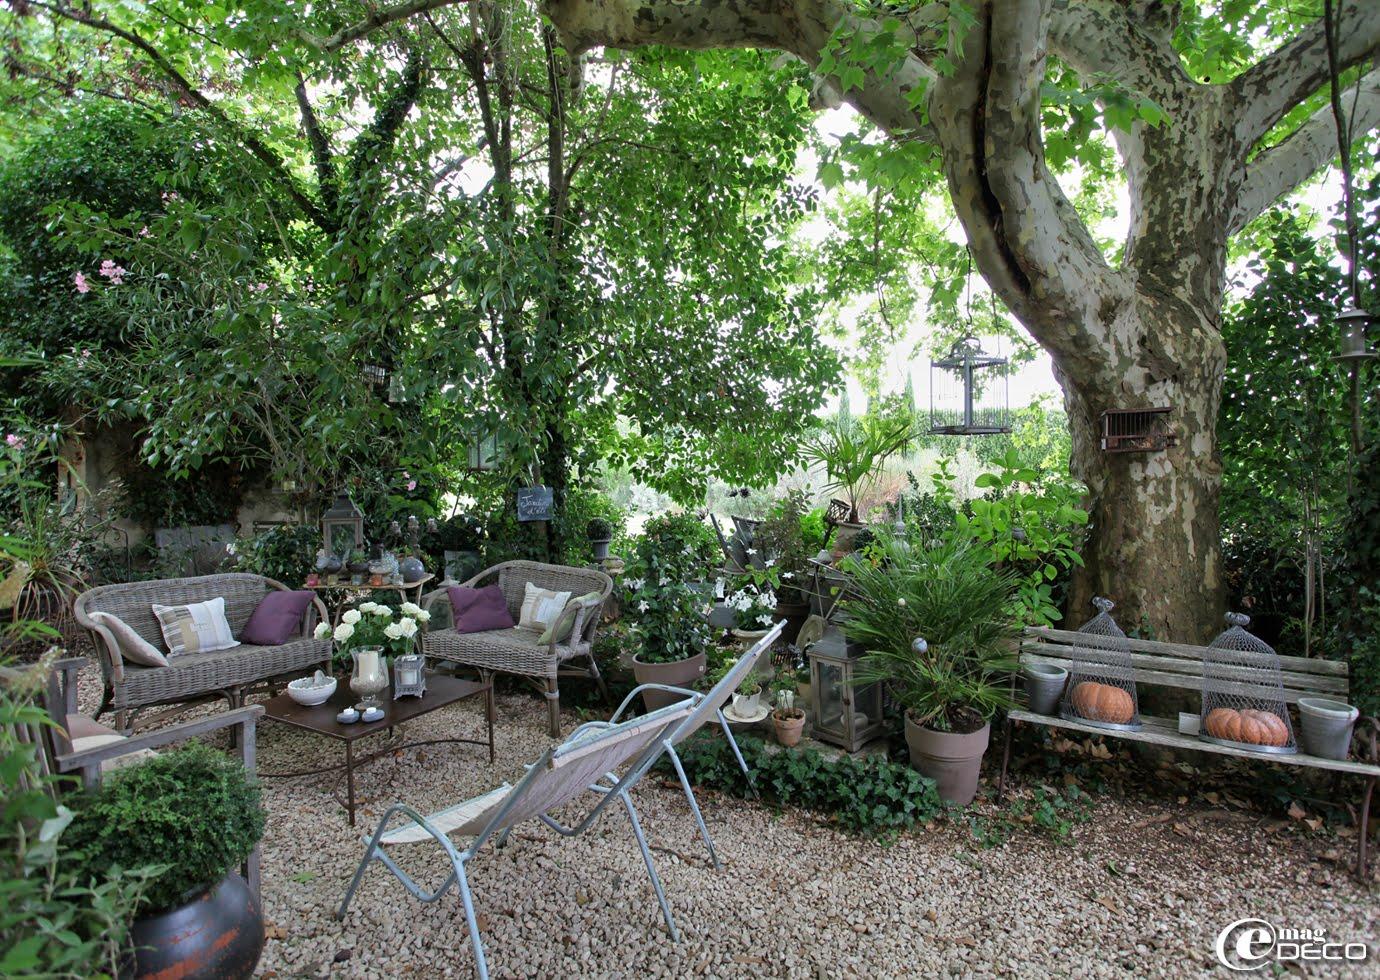 Le jardin d'Elsa Peyremorte équipé avec du mobilier de jardin en rotin associé à des chaises longues chinées.